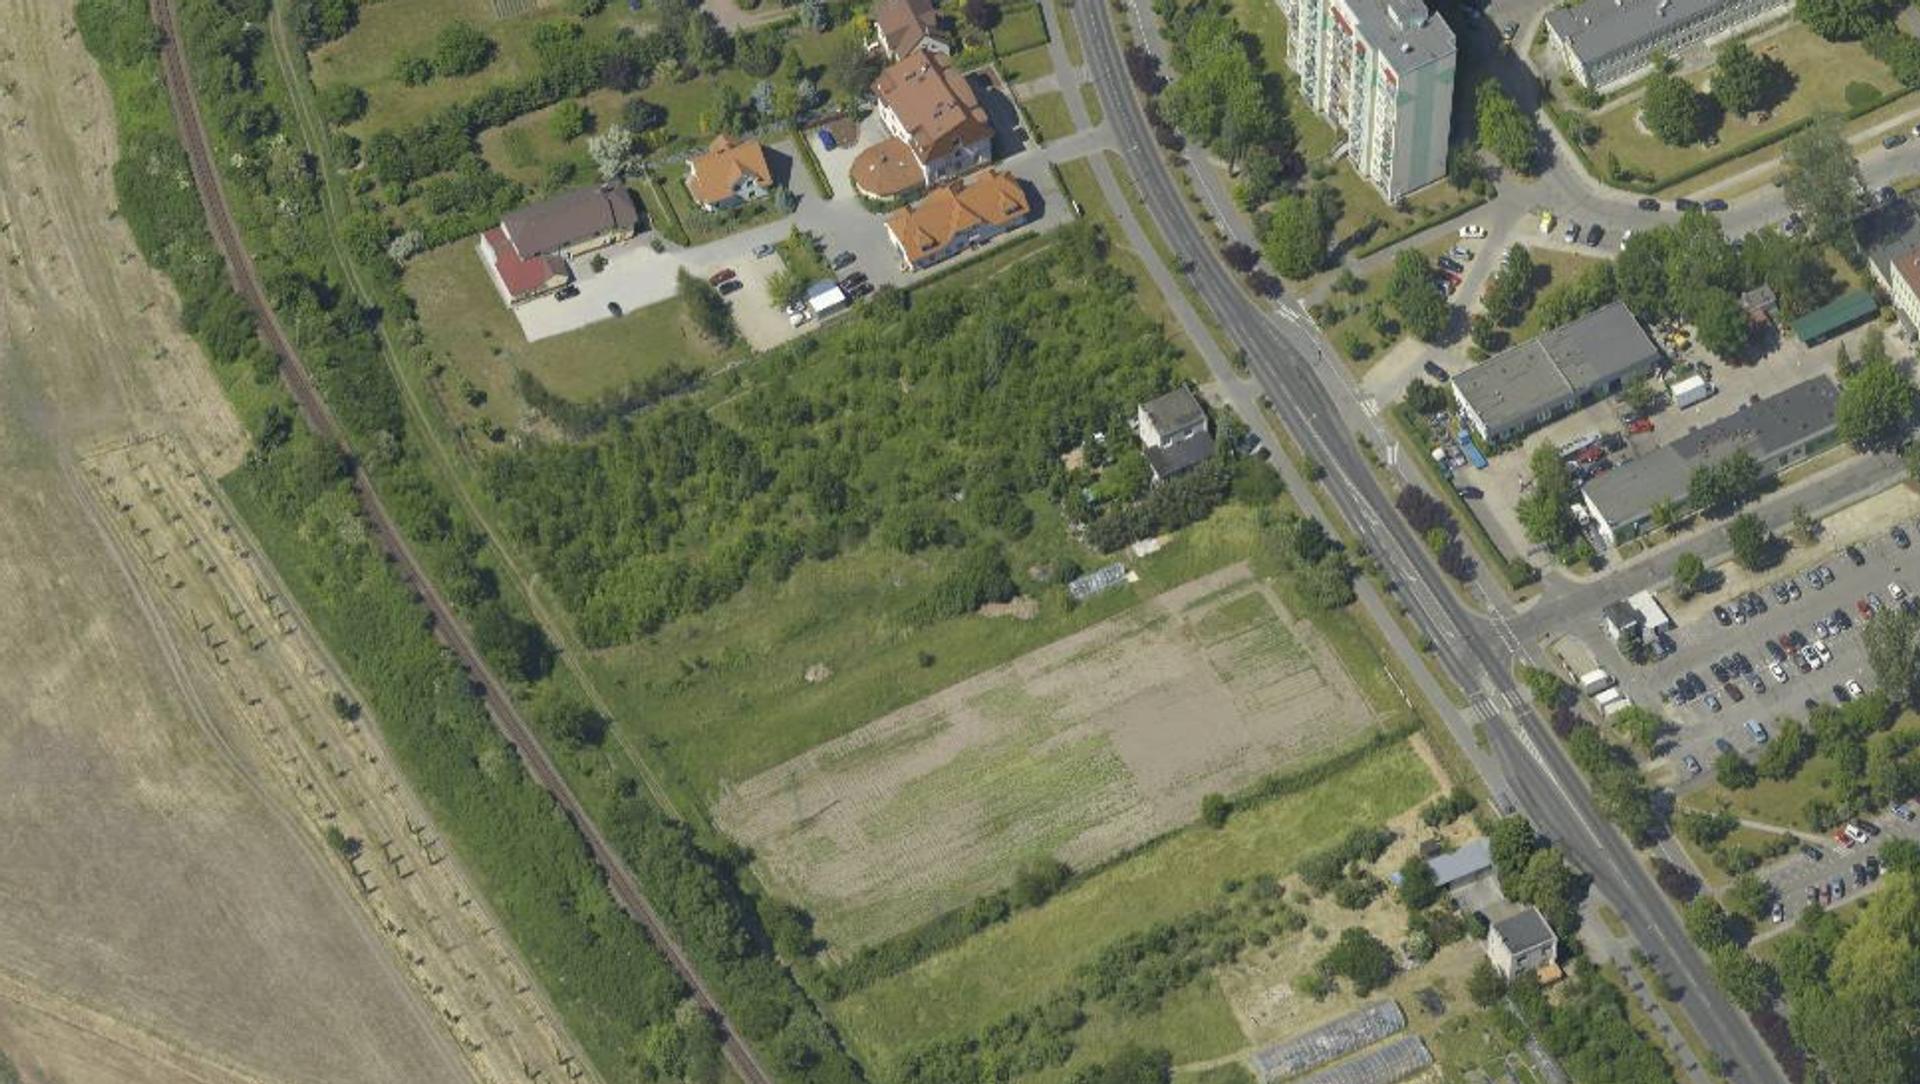 Wrocław: Piąty przetarg na państwową działkę na Nowym Dworze zakończony fiaskiem